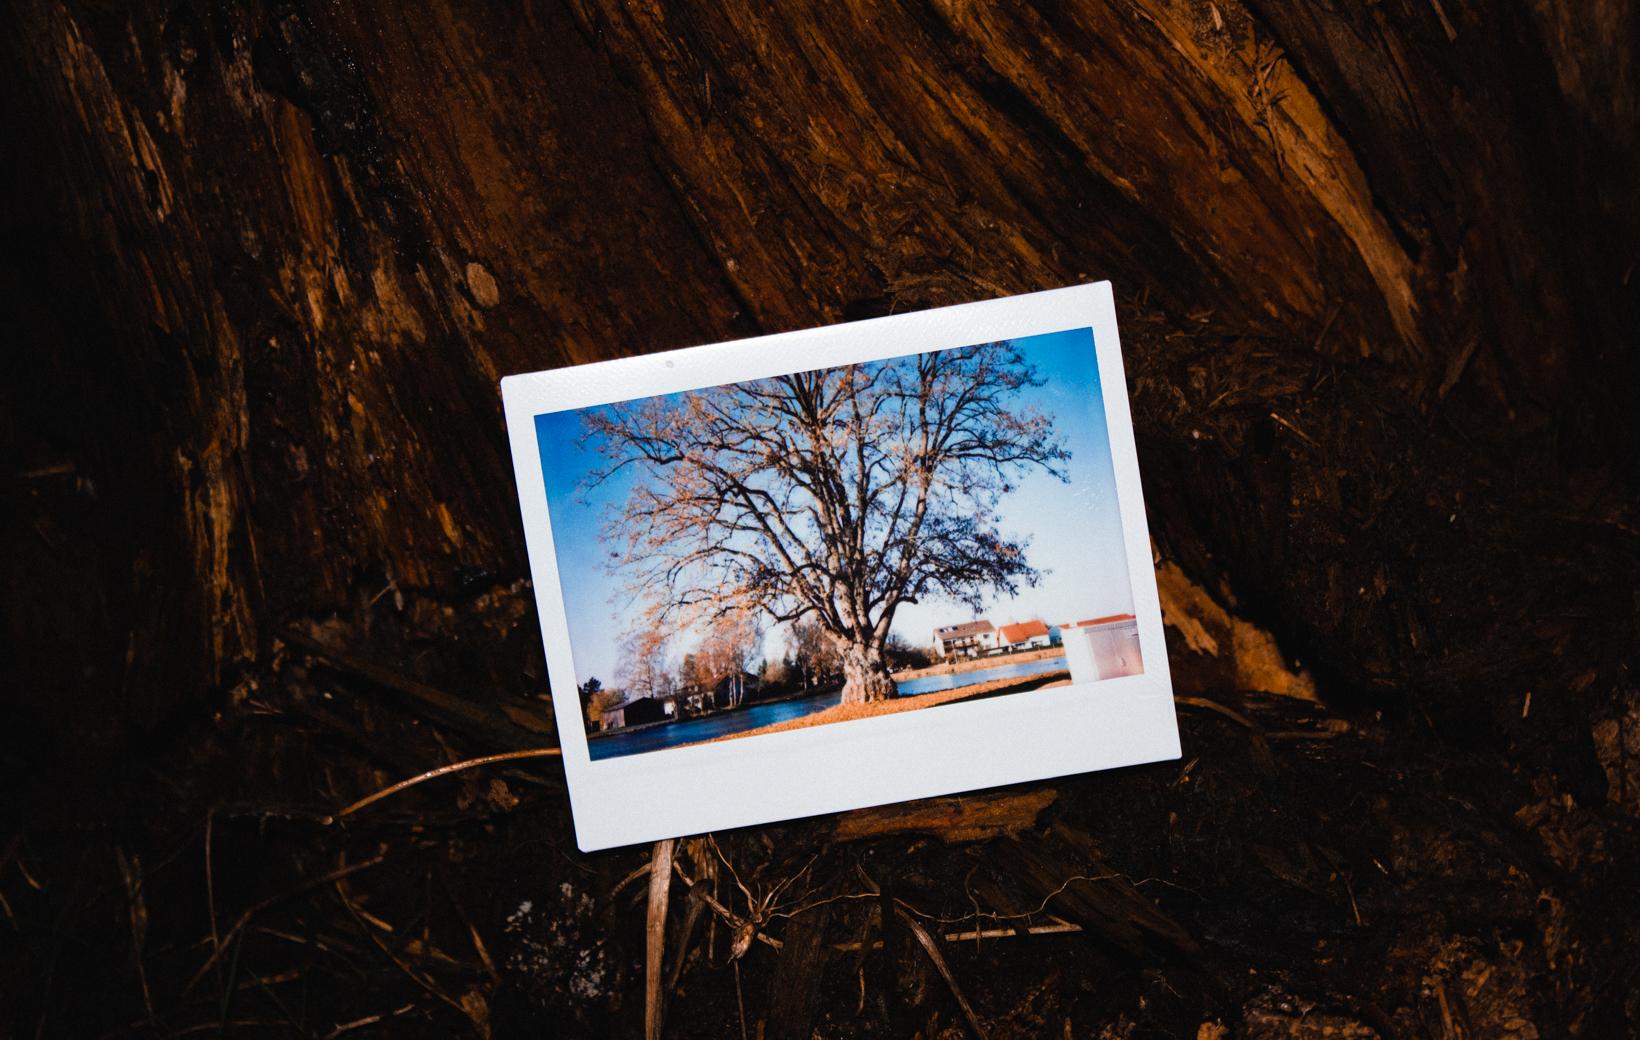 Bild zeigt ein Polaroid von einem Baum